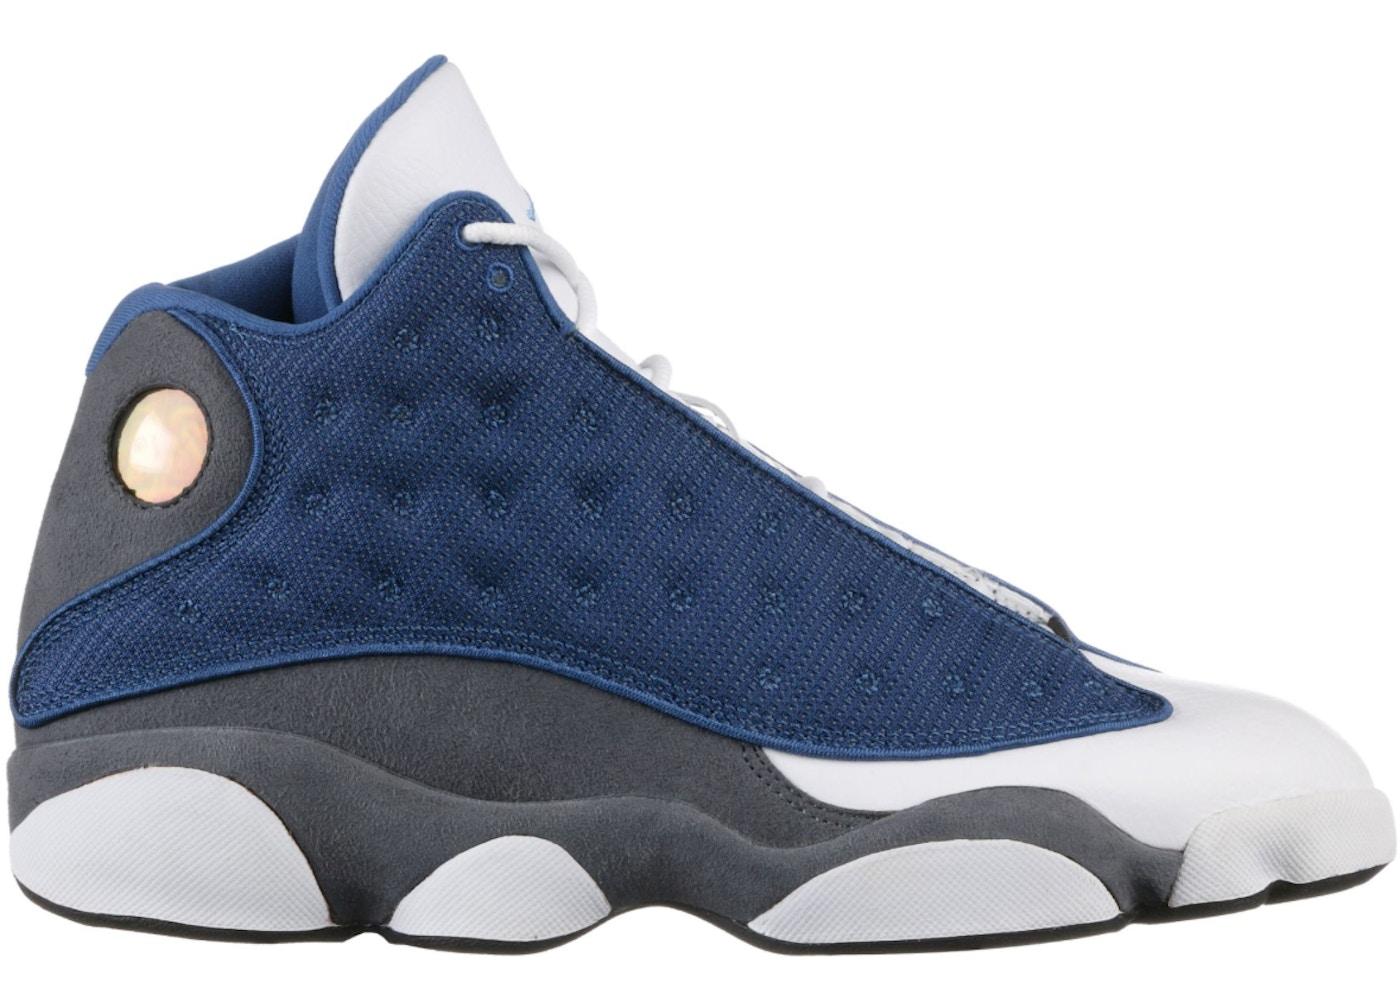 63104c13261241 Jordan 13 Retro Flint (2005) - 310004-441